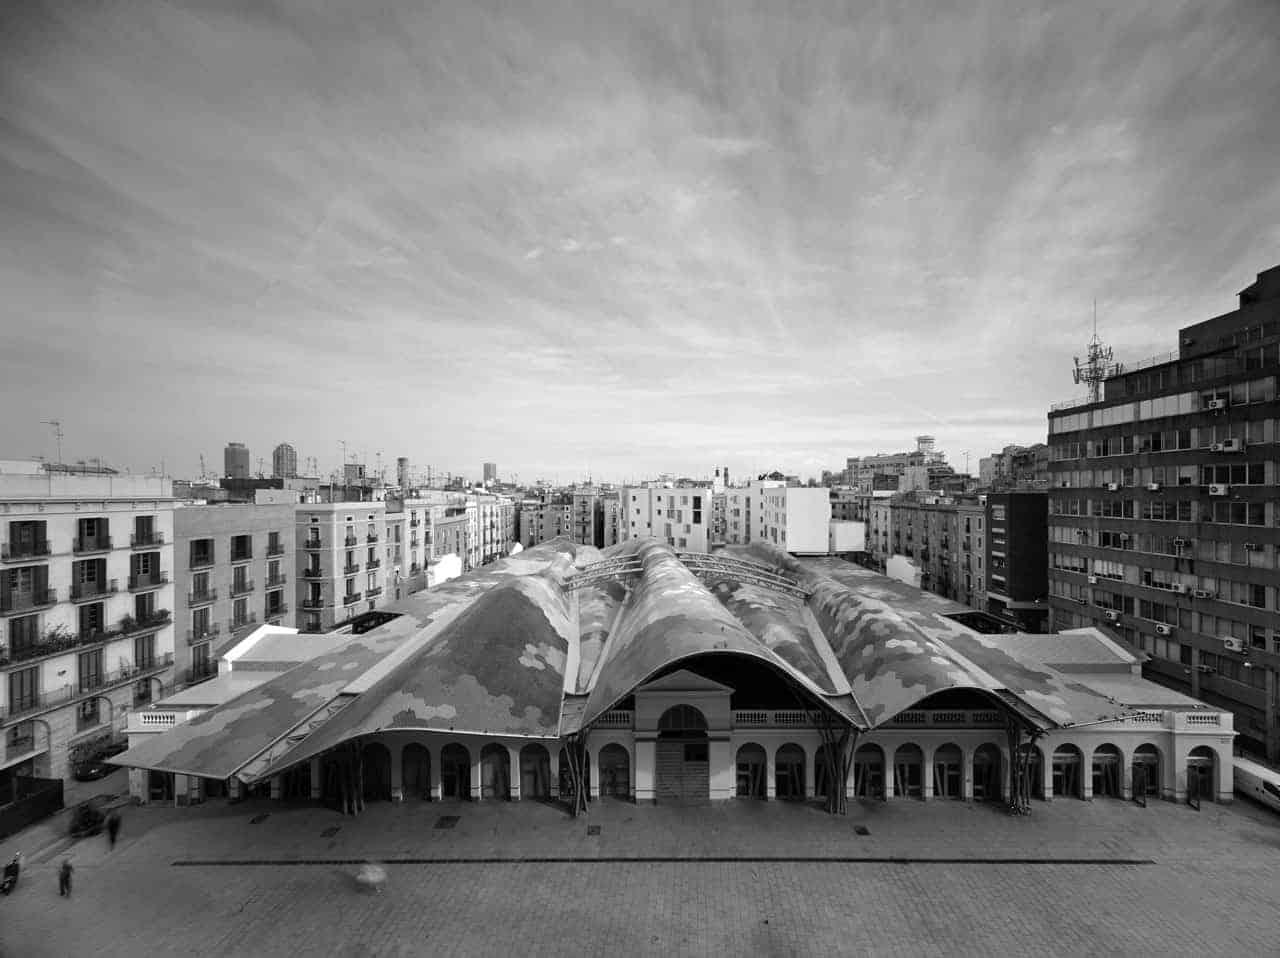 Mercado de Santa Caterina Benedetta Tagliabue